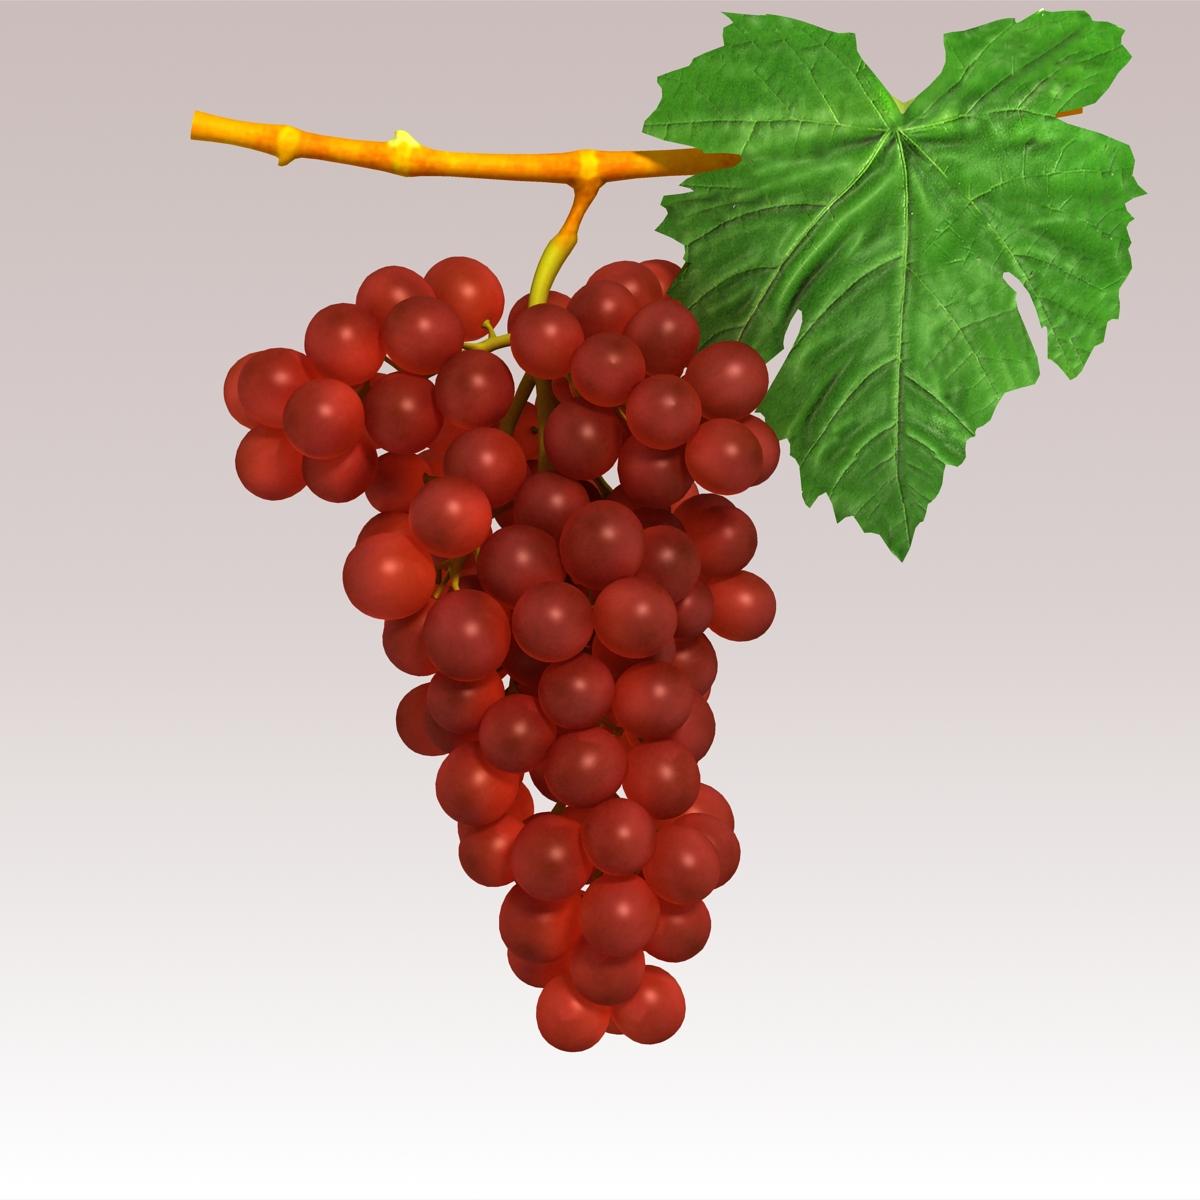 grapes red 3d model 3ds max fbx c4d lwo obj 204258